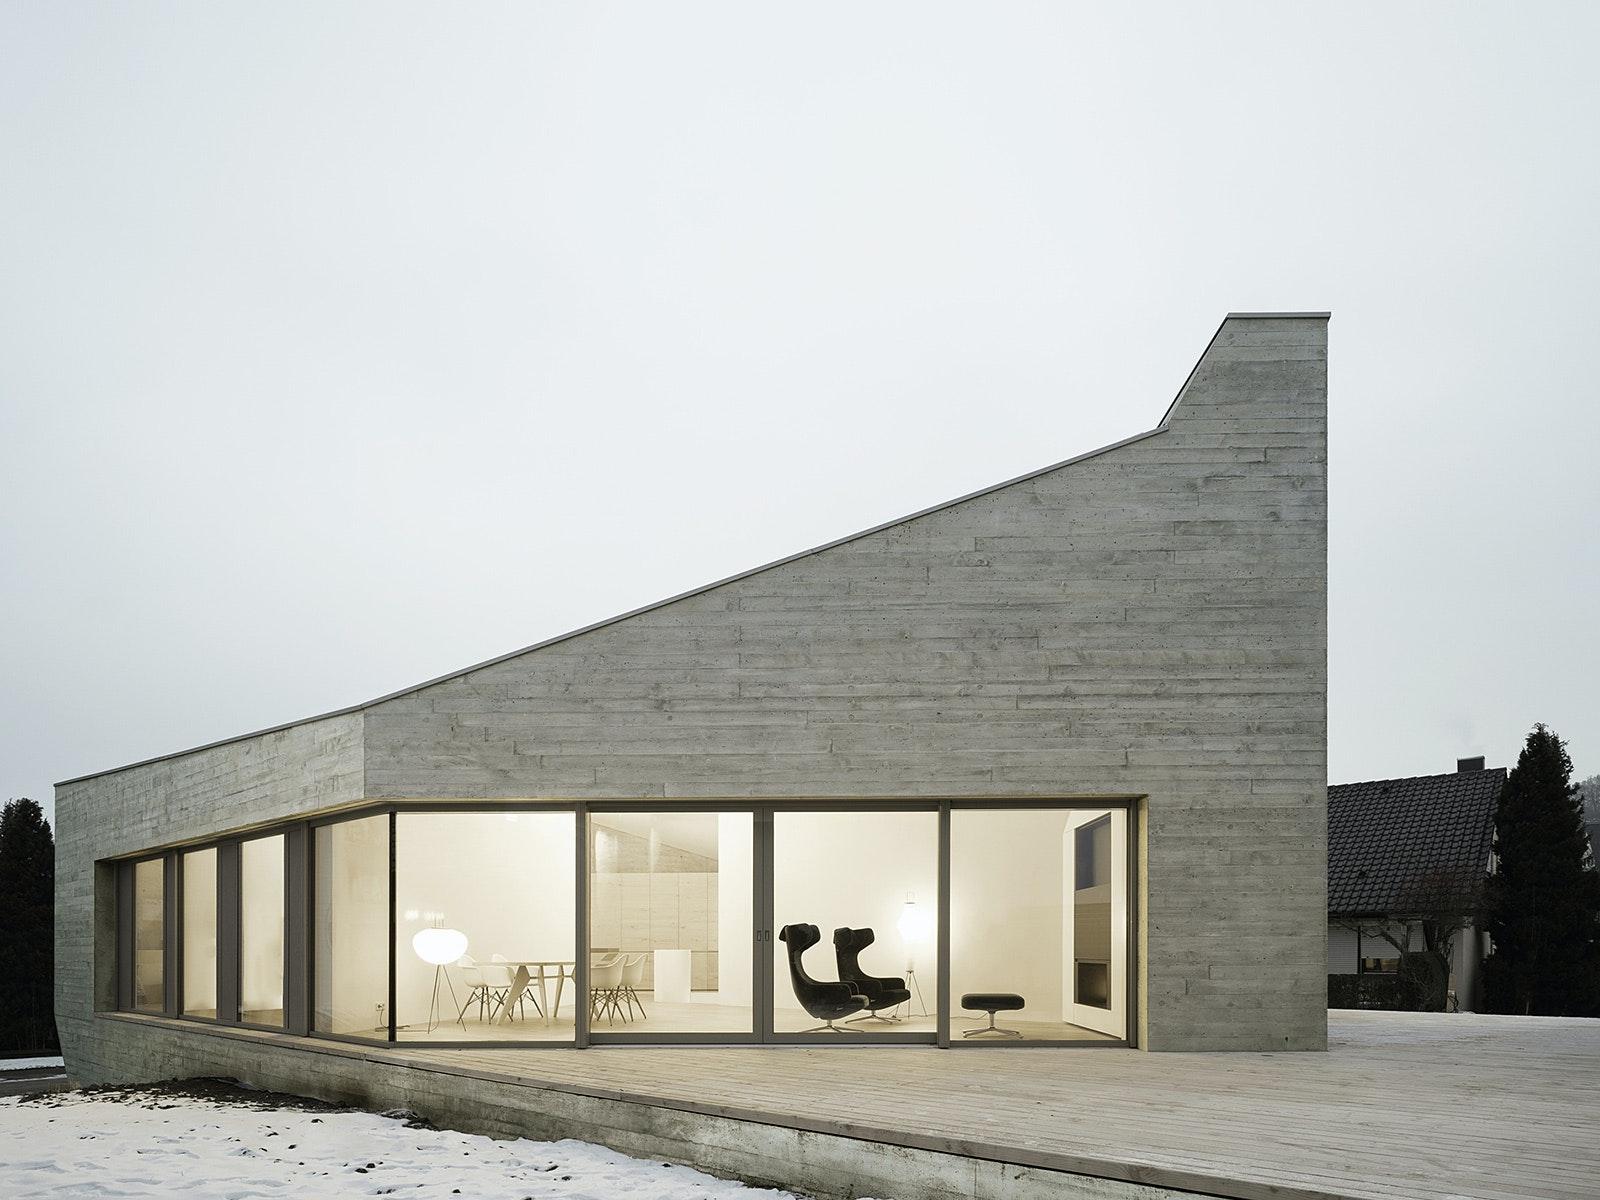 Pliezhausen Apartment Building. Architect: Steimle Architekten GmbH.  Location: Stuttgart, Germany. Photo: Brigida González.